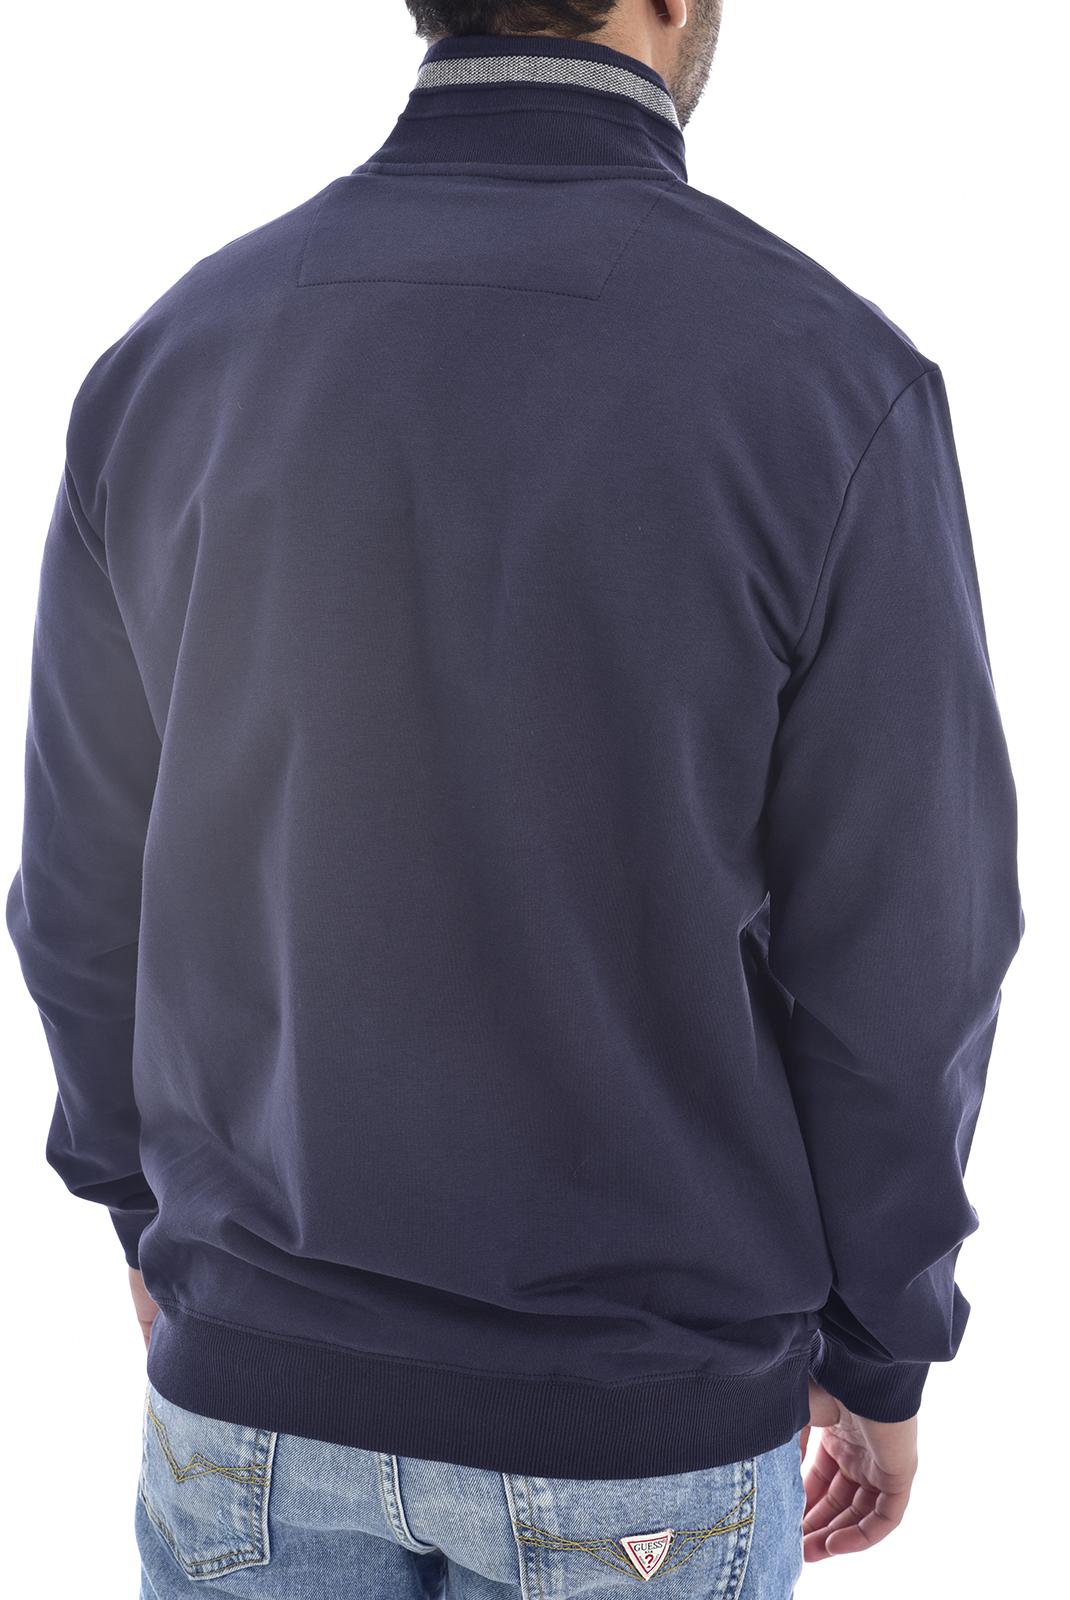 Vestes zippées  Guess jeans M0GQ80 K6ZS0 AL TRACK BLUE NAVY